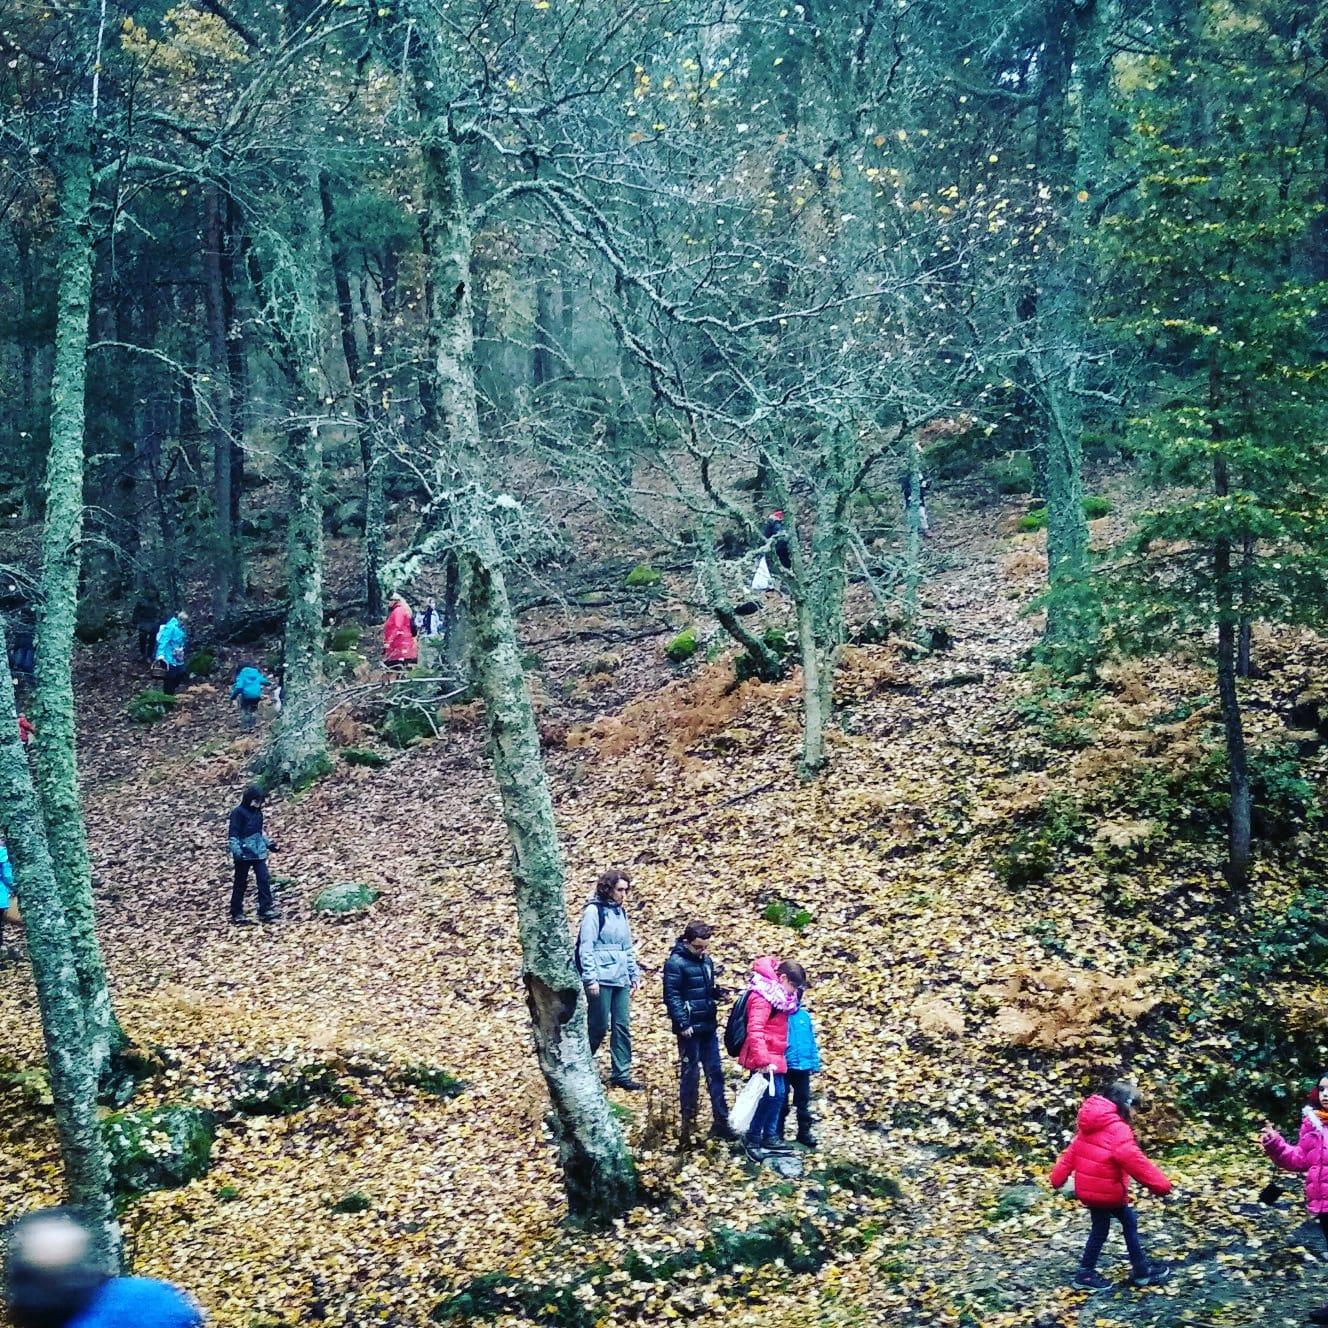 Excursiones para plantar árboles y limpiar los bosques